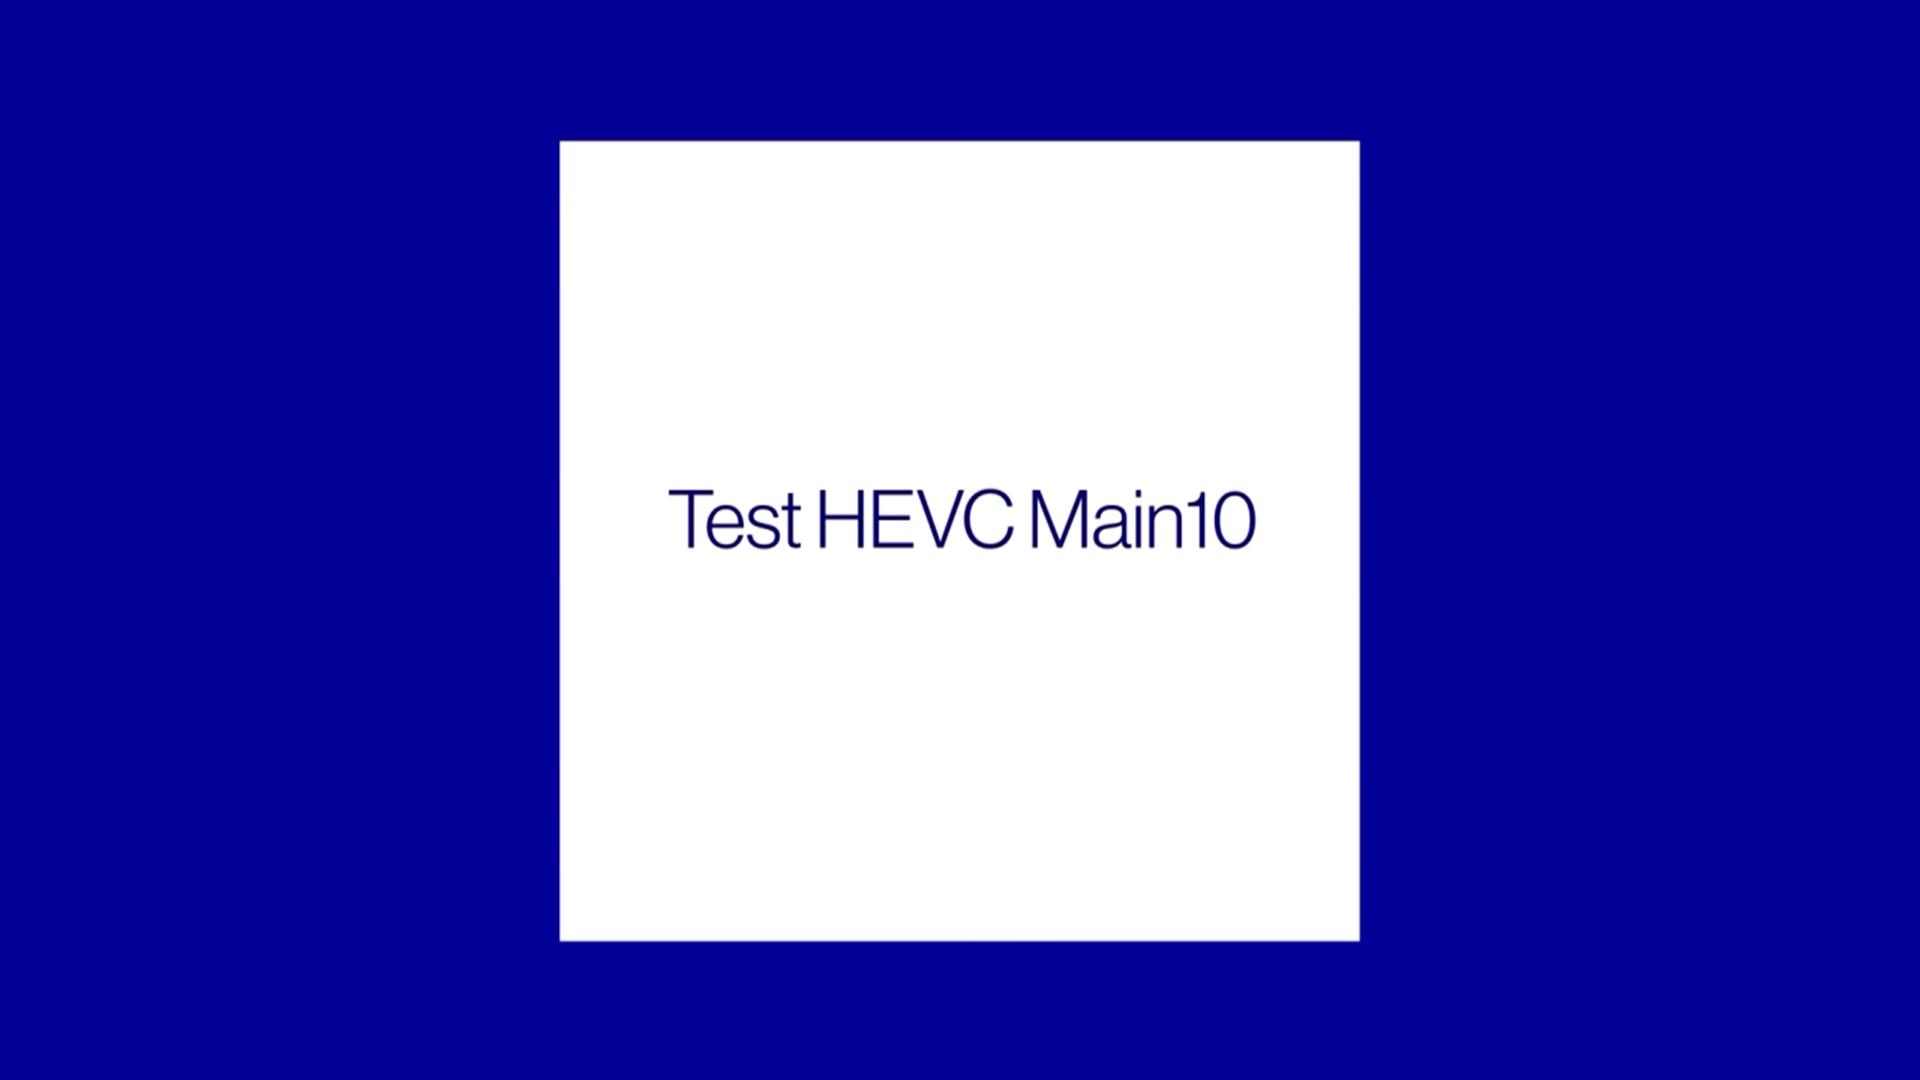 1579087742 test hevc1 - Come verificare se il televisore o il decoder sono compatibili con il nuovo DVB T2